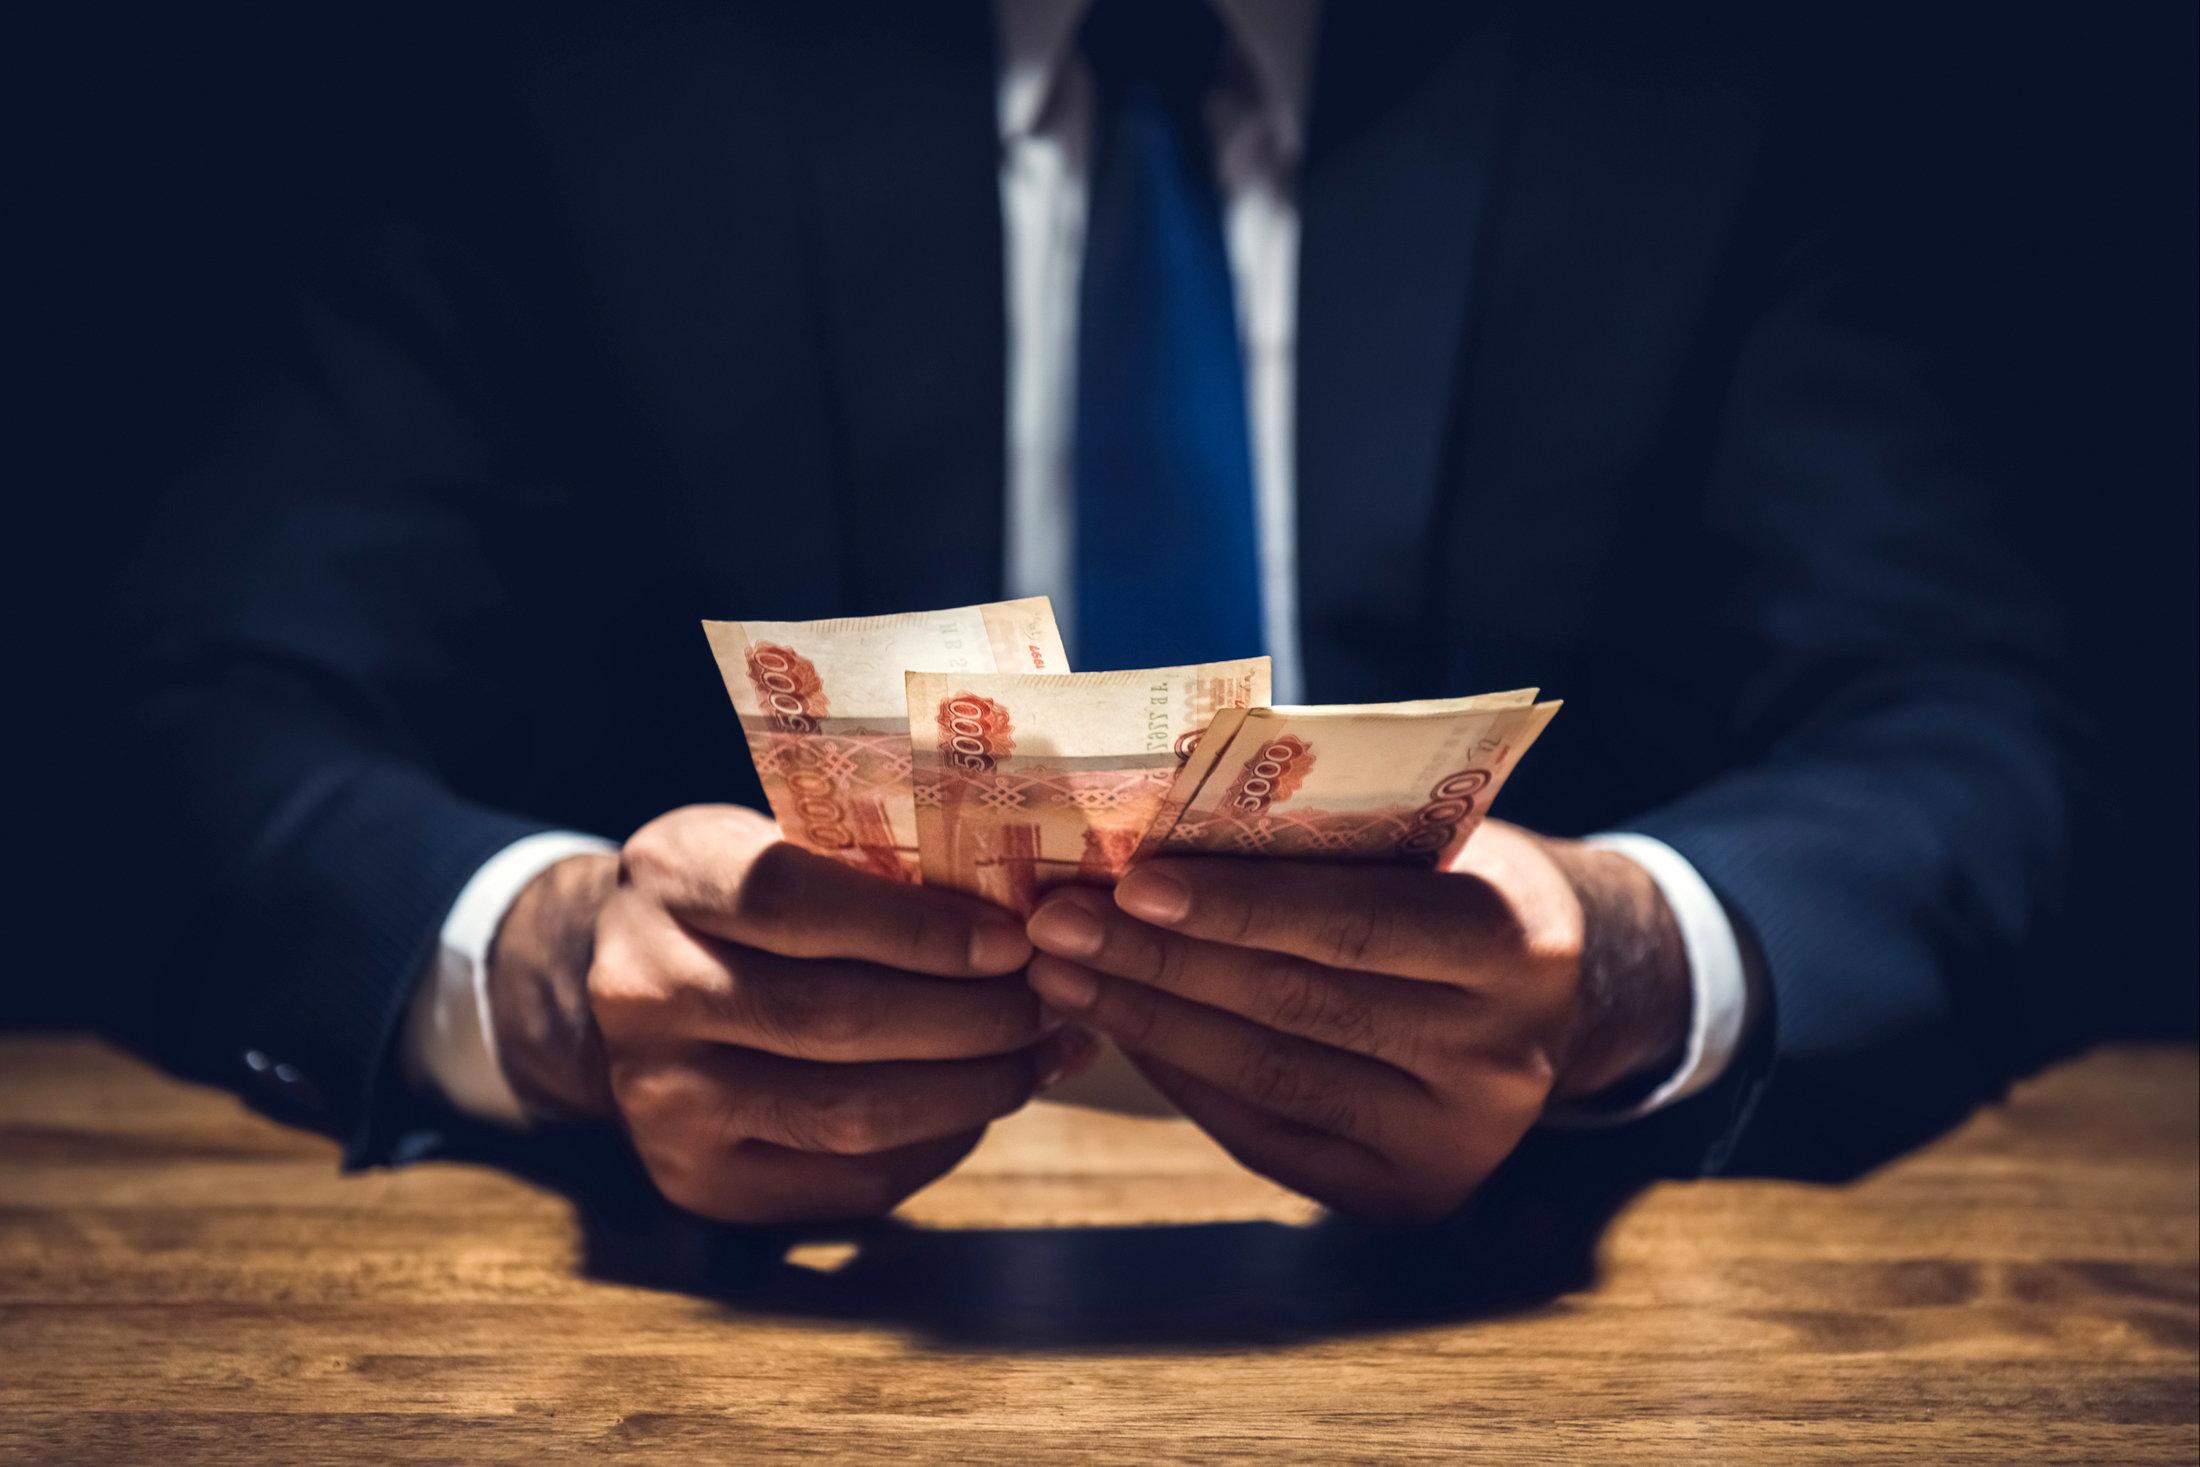 Кризис без потерь: что делать с деньгами в 2020 году, чтобы сохранить их